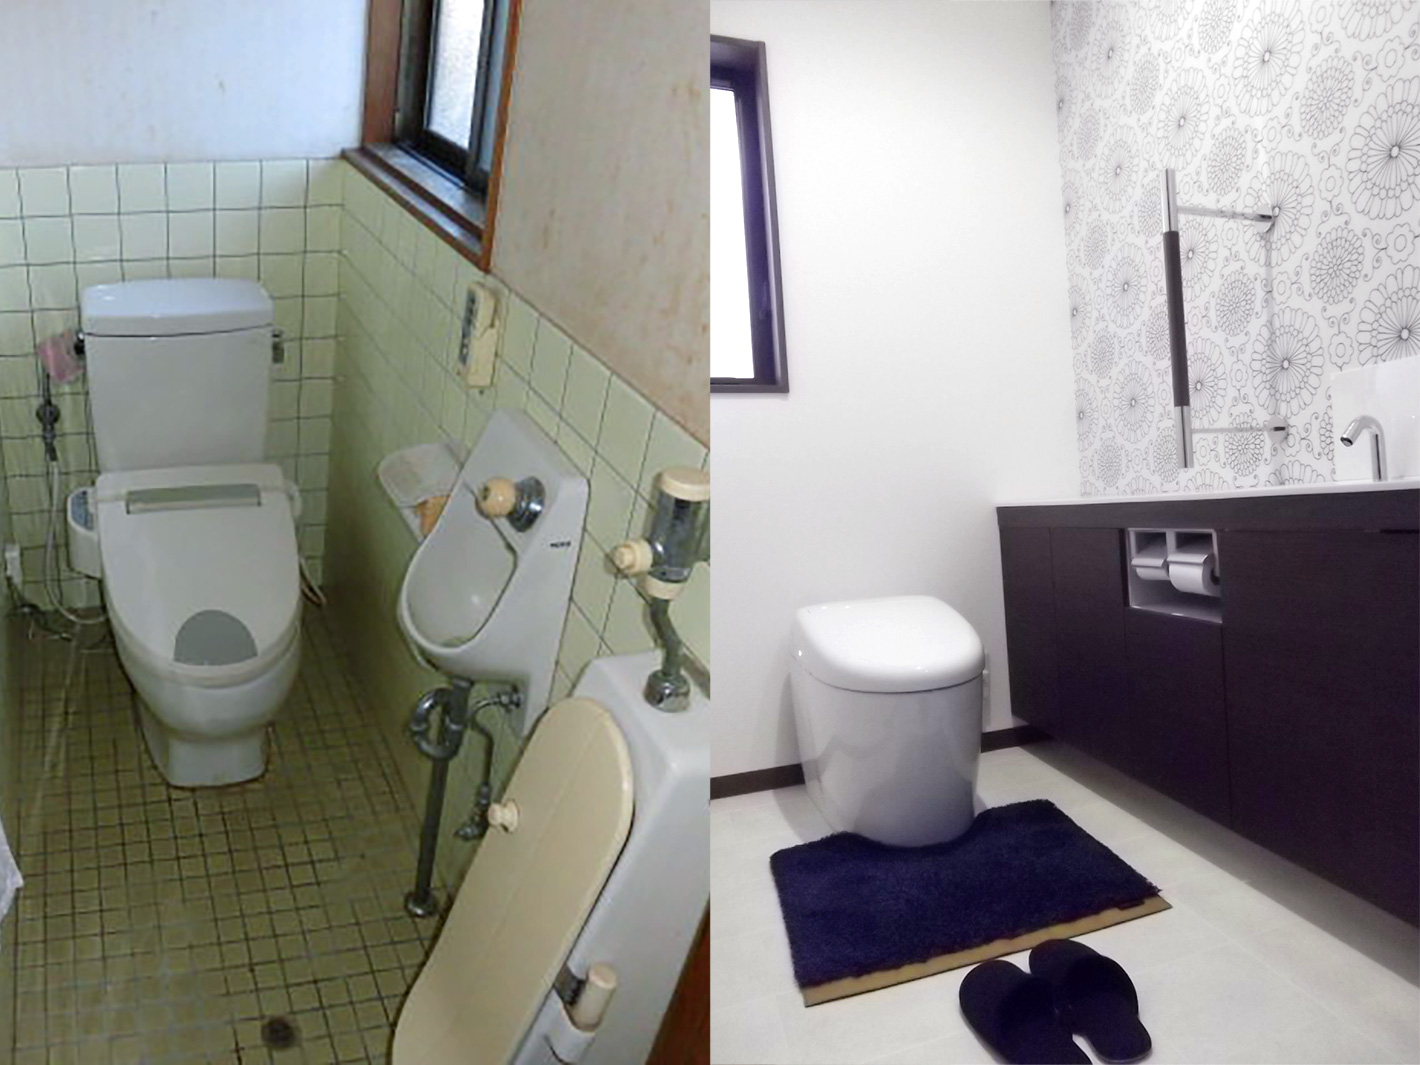 トイレ - リフォーム前後